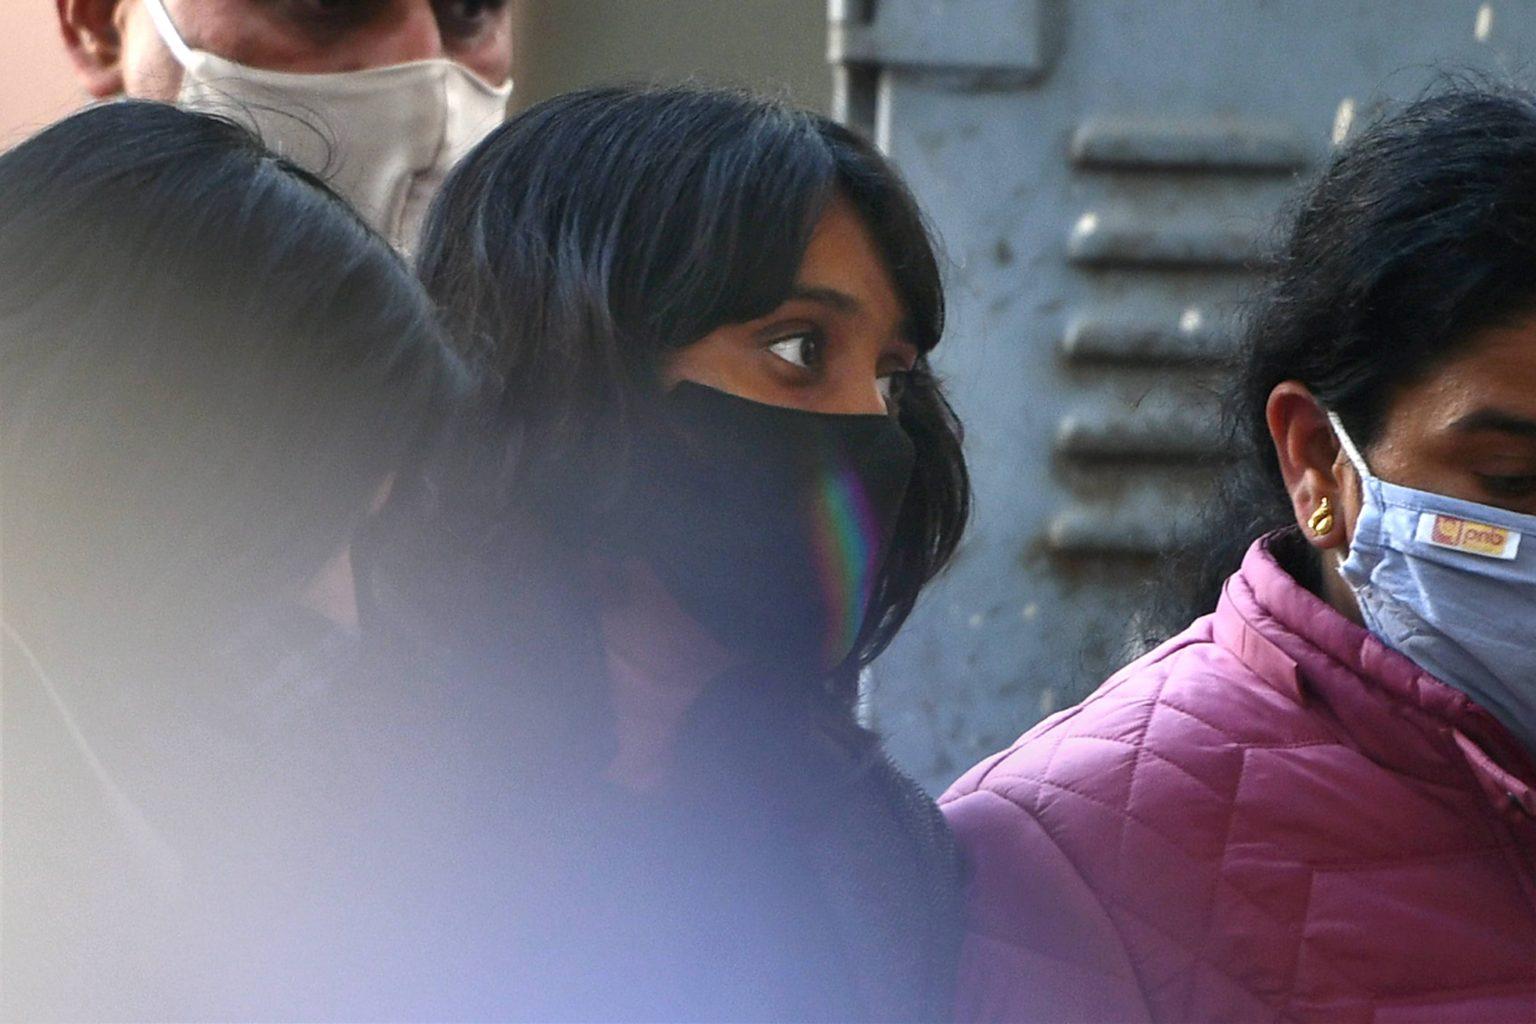 23 فروری کو شنوائی کے بعد پٹیالہ ہاؤس عدالت میں دشا روی۔ (فوٹو: پی ٹی آئی)